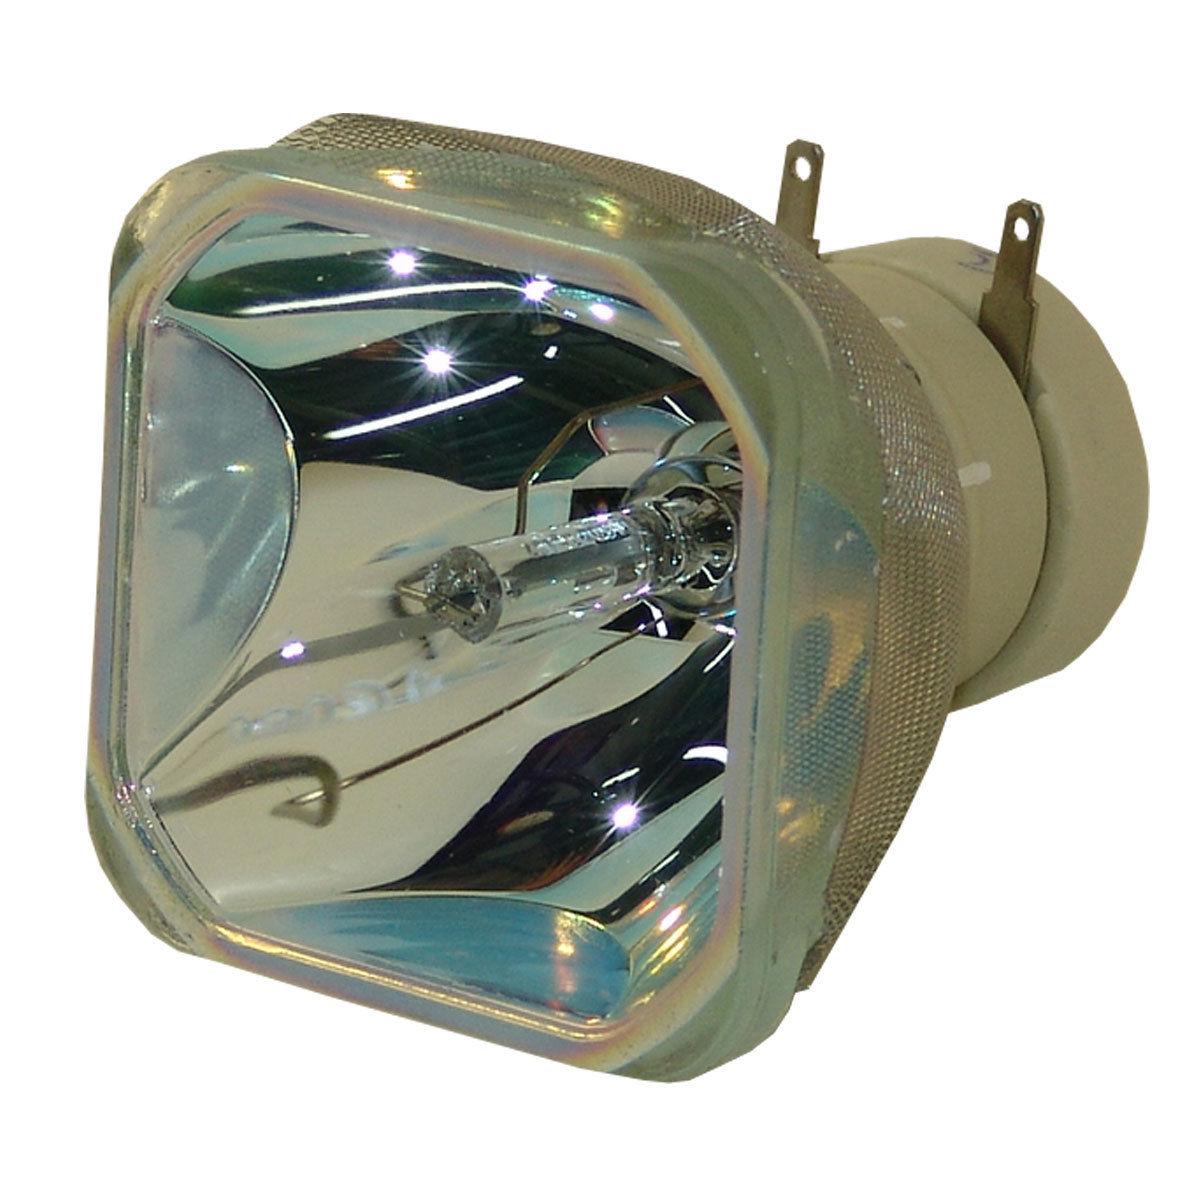 DT01191 DT-01191 for HITACHI CP-WX12 CP-WX12WN CP-X11WN X2021/X2521/X2521WN/X3021WN/HCP-U25S/U26W/U27N/U32N Projector Lamp Bulb инверторный генератор hitachi e10 u